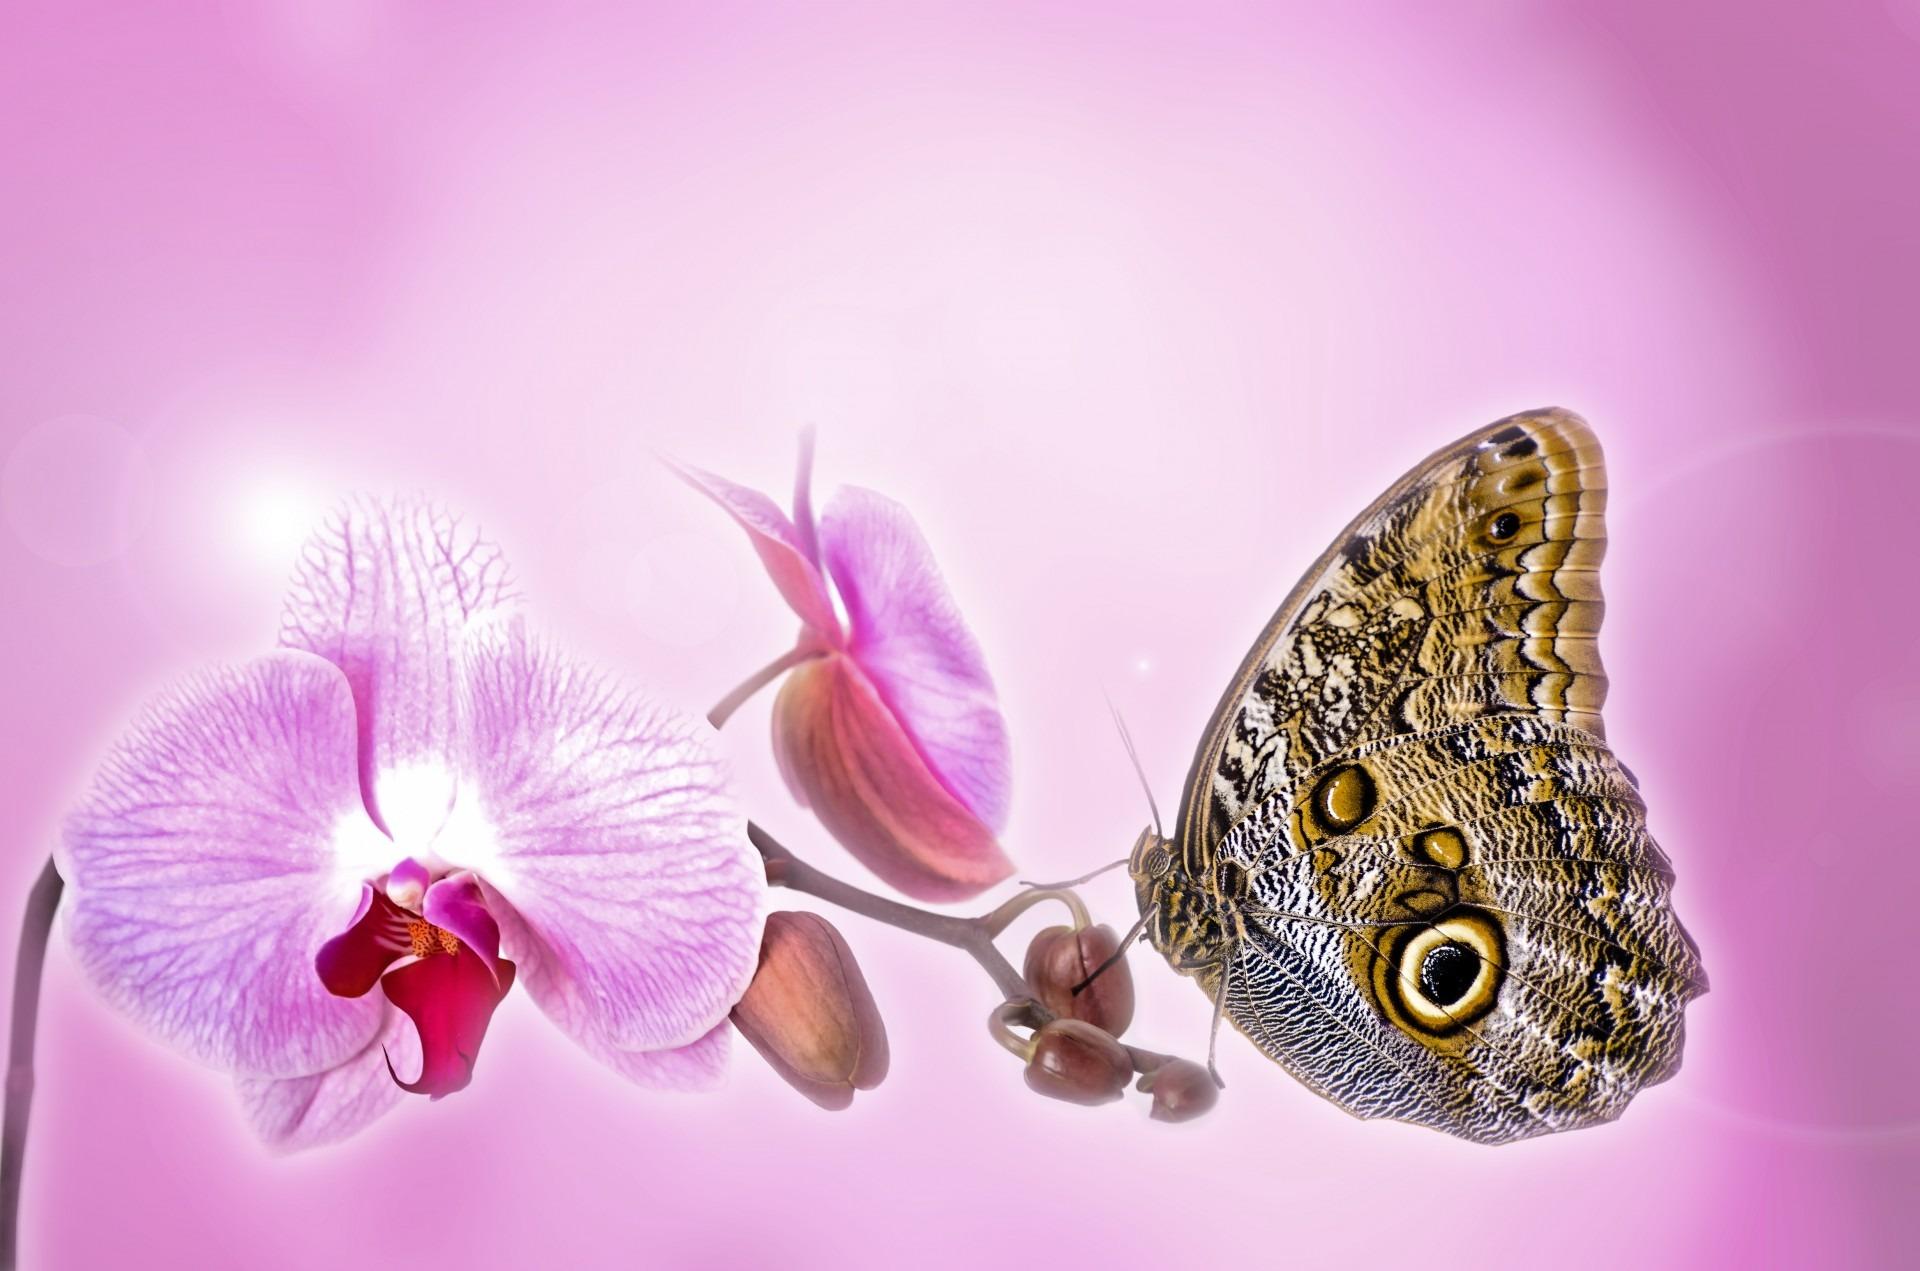 Célèbre Images Gratuites : la nature, plante, la photographie, fleur  RC68